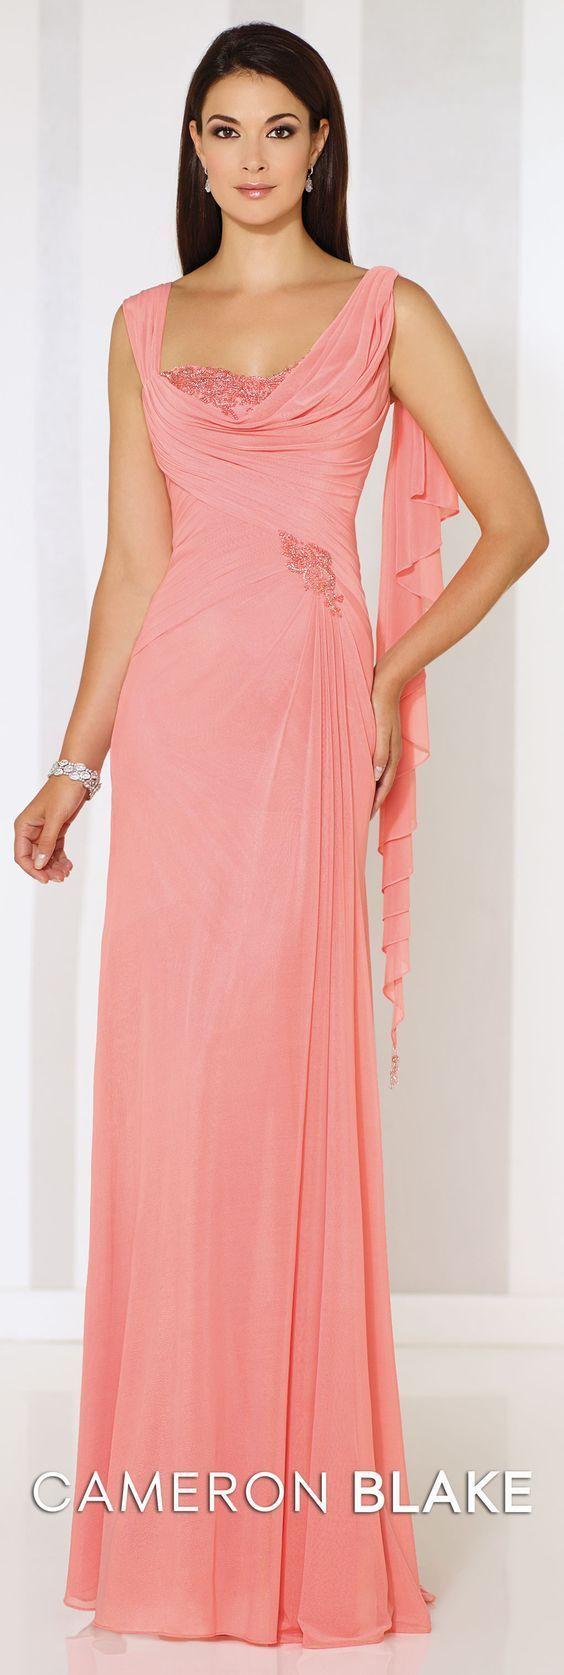 6772 best lindos vestidos images on Pinterest | Bridal gowns ...